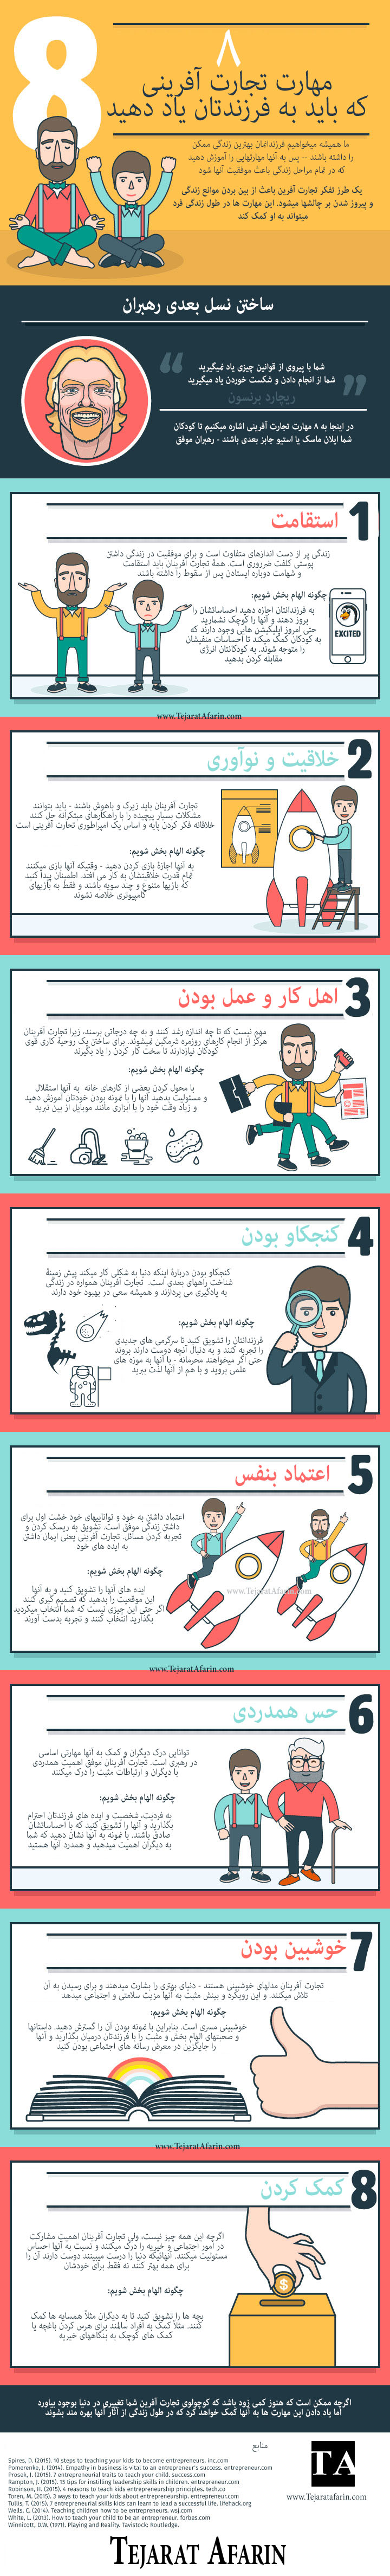 8 مهارت تجارت آفرینی برای یادگیری فرزندانتان